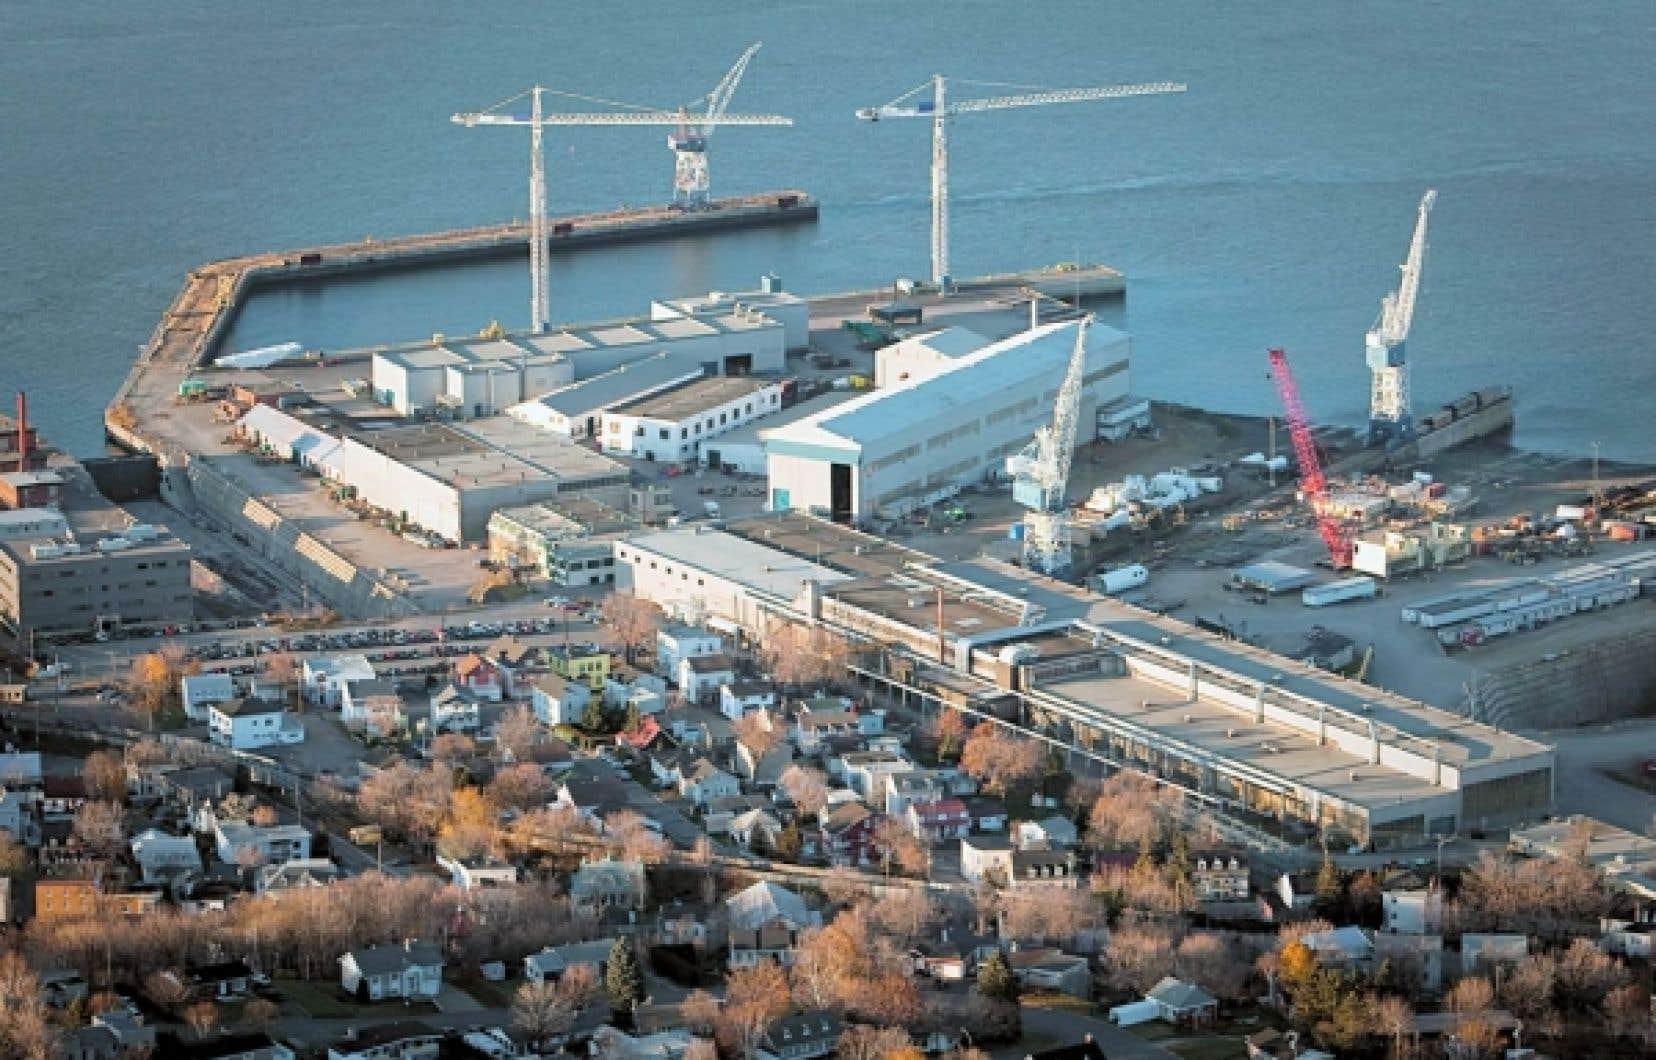 Chantiers Davie disputera les contrats fédéraux à trois autres chantiers navals.<br />